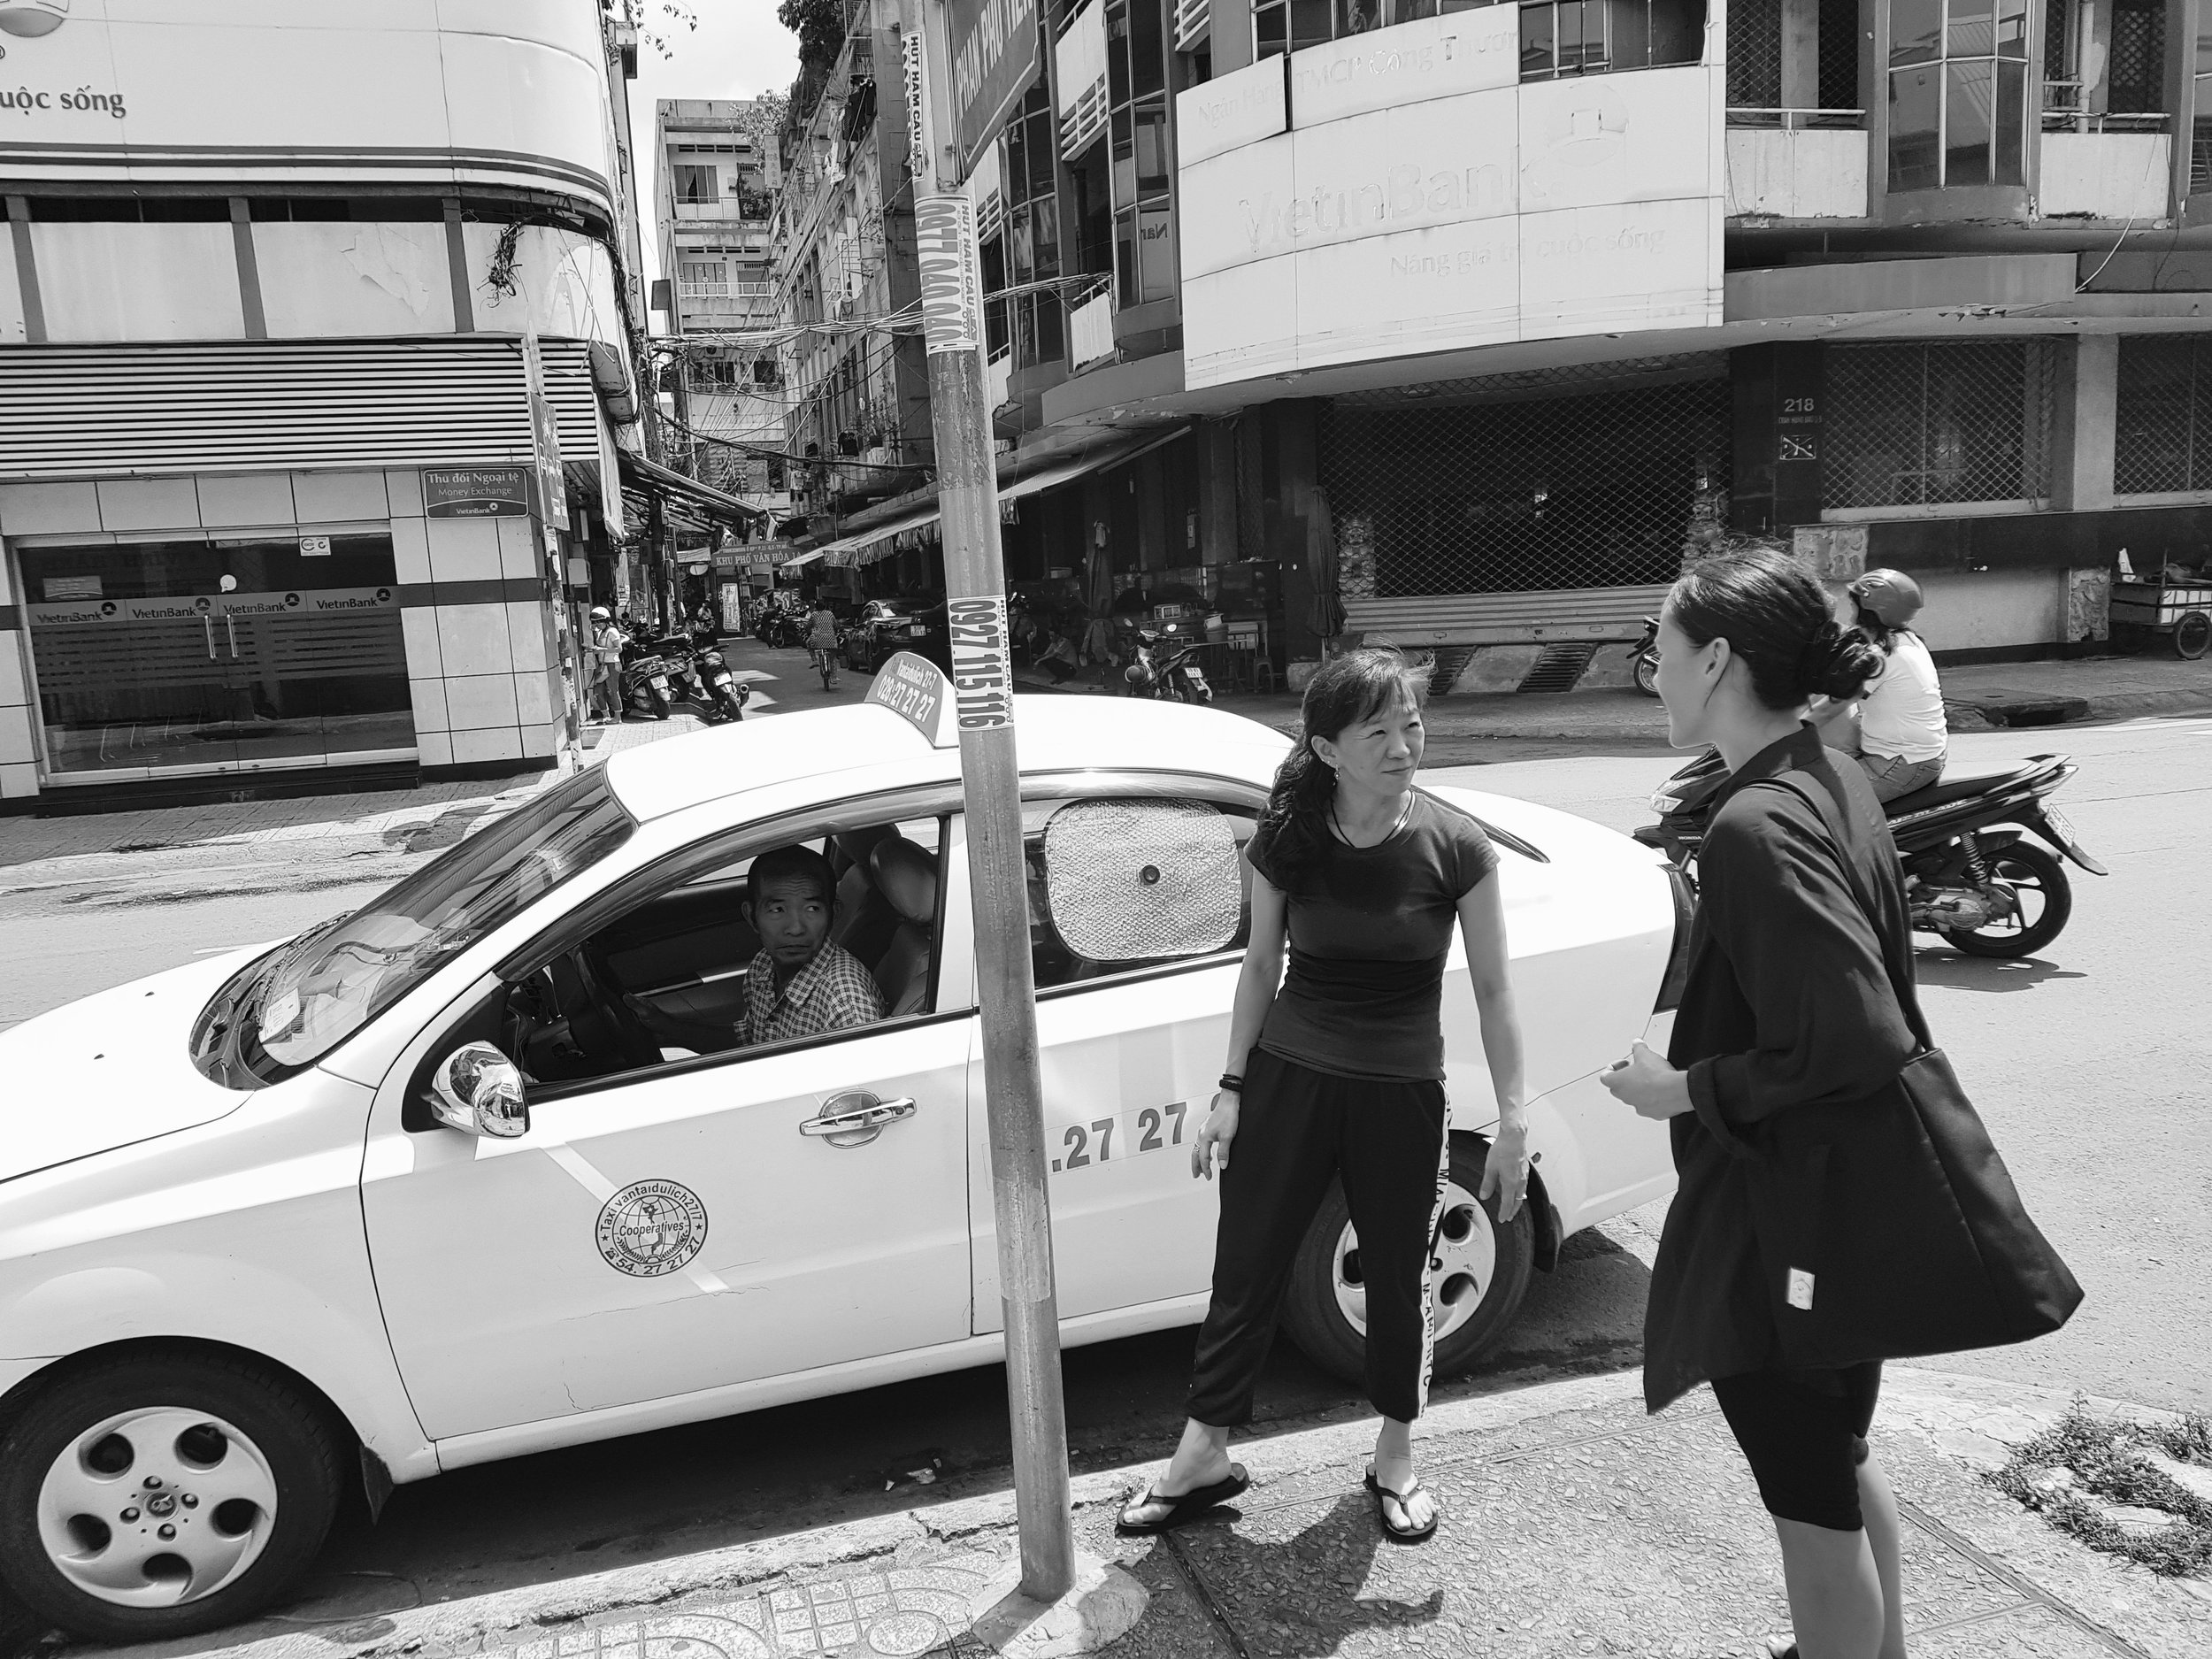 Taxien er klar. Takker for meg til Ngo Thuy To Nhu for denne gang.